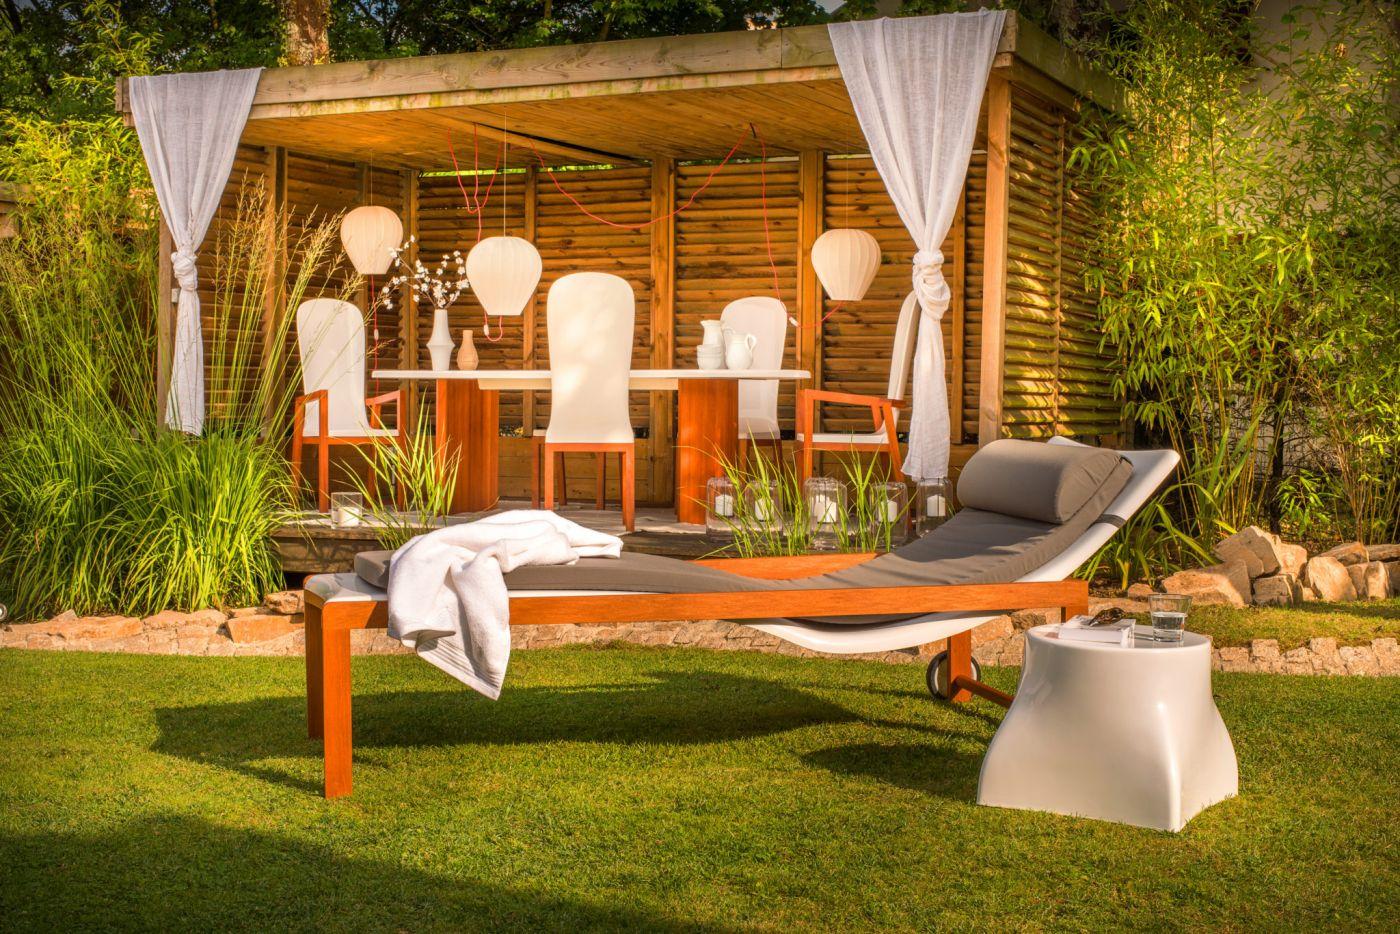 Mobilier jardin design : tables, chaises, bain de soleil ...